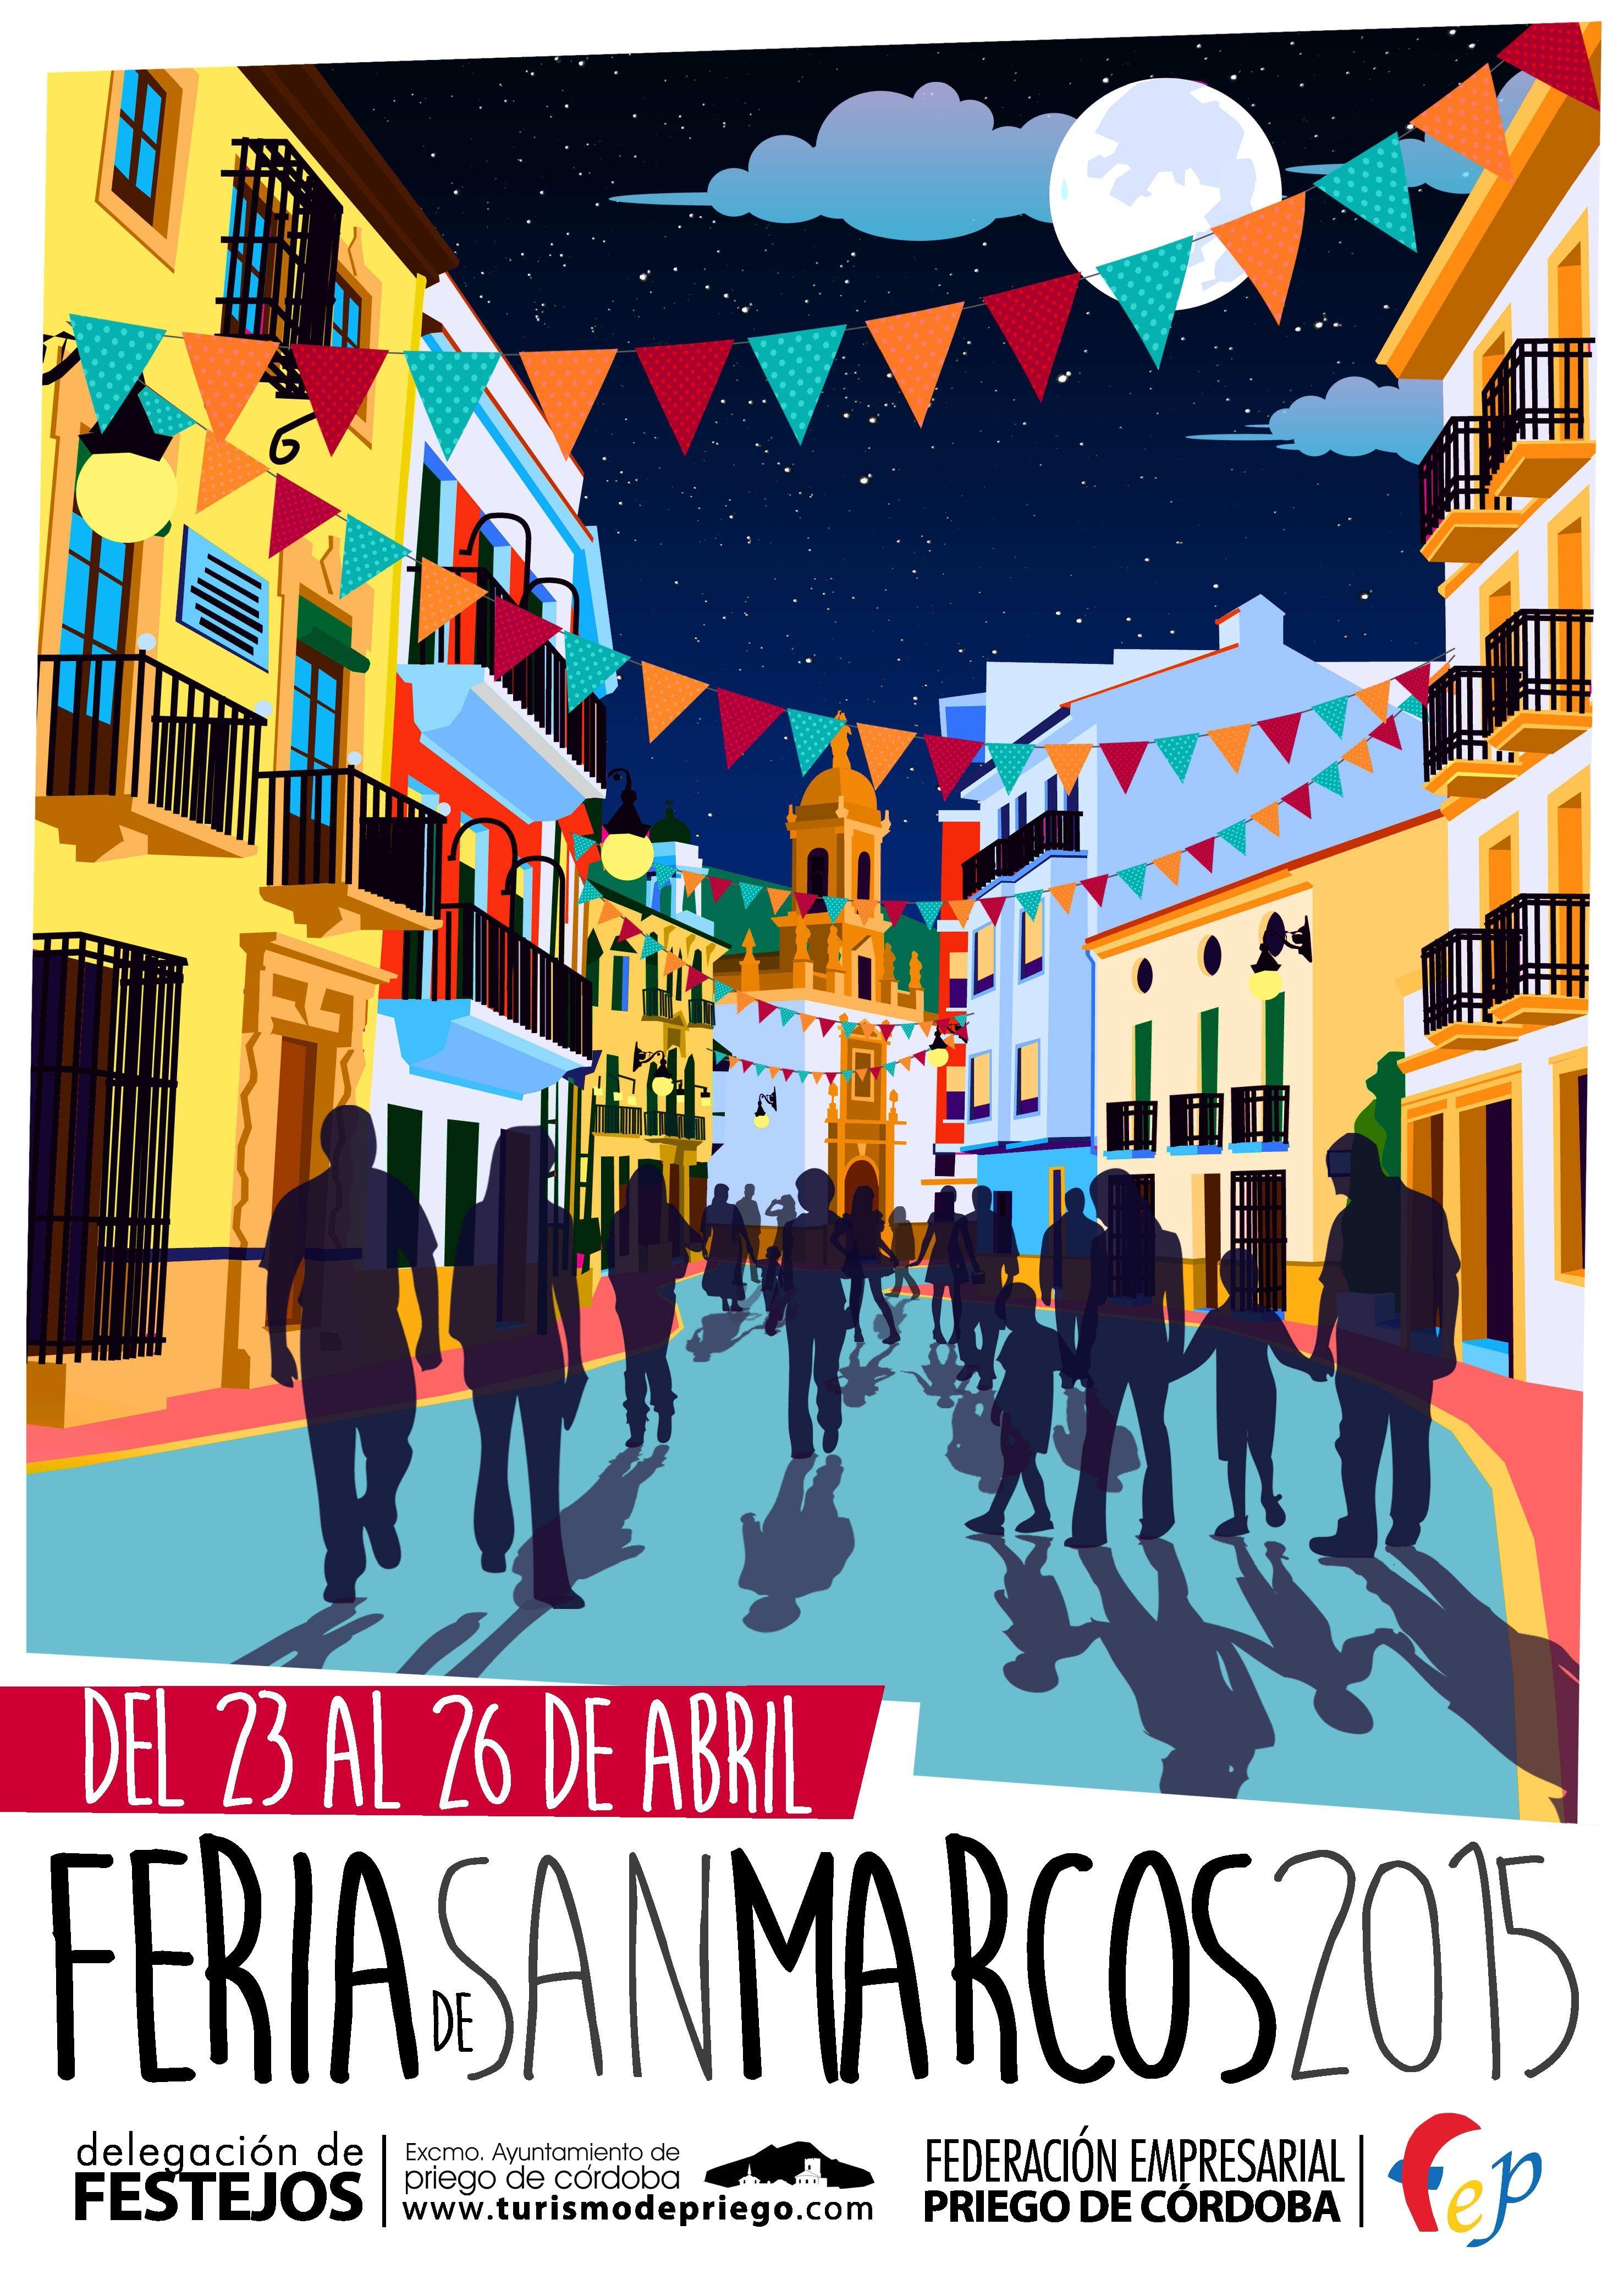 Bien!! Ya tenemos el cartel de la Feria de San Marcos de #PriegodeCórdoba. Además de esta feria, en algunos pueblos de la Subbética es tradición salir a comer al campo, acompañado de familia y amigos, ¿te apuntas?